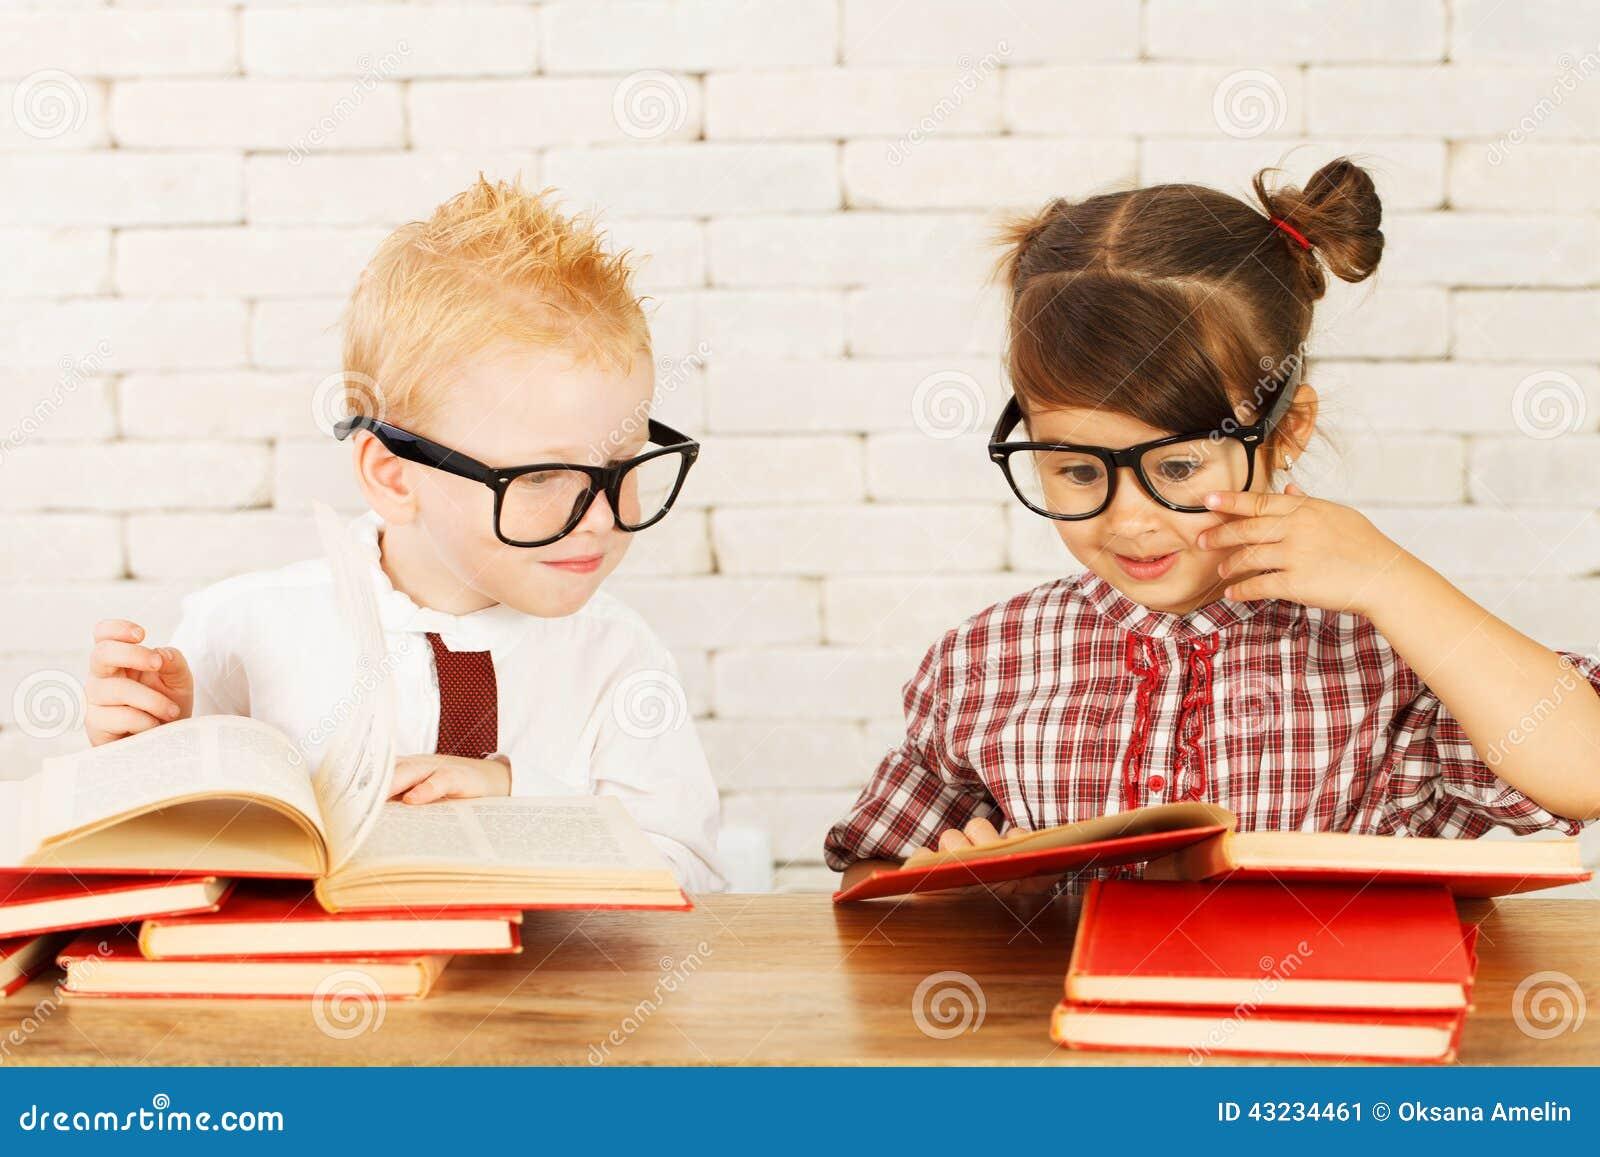 Children Nerds Stock Photo Image 43234461